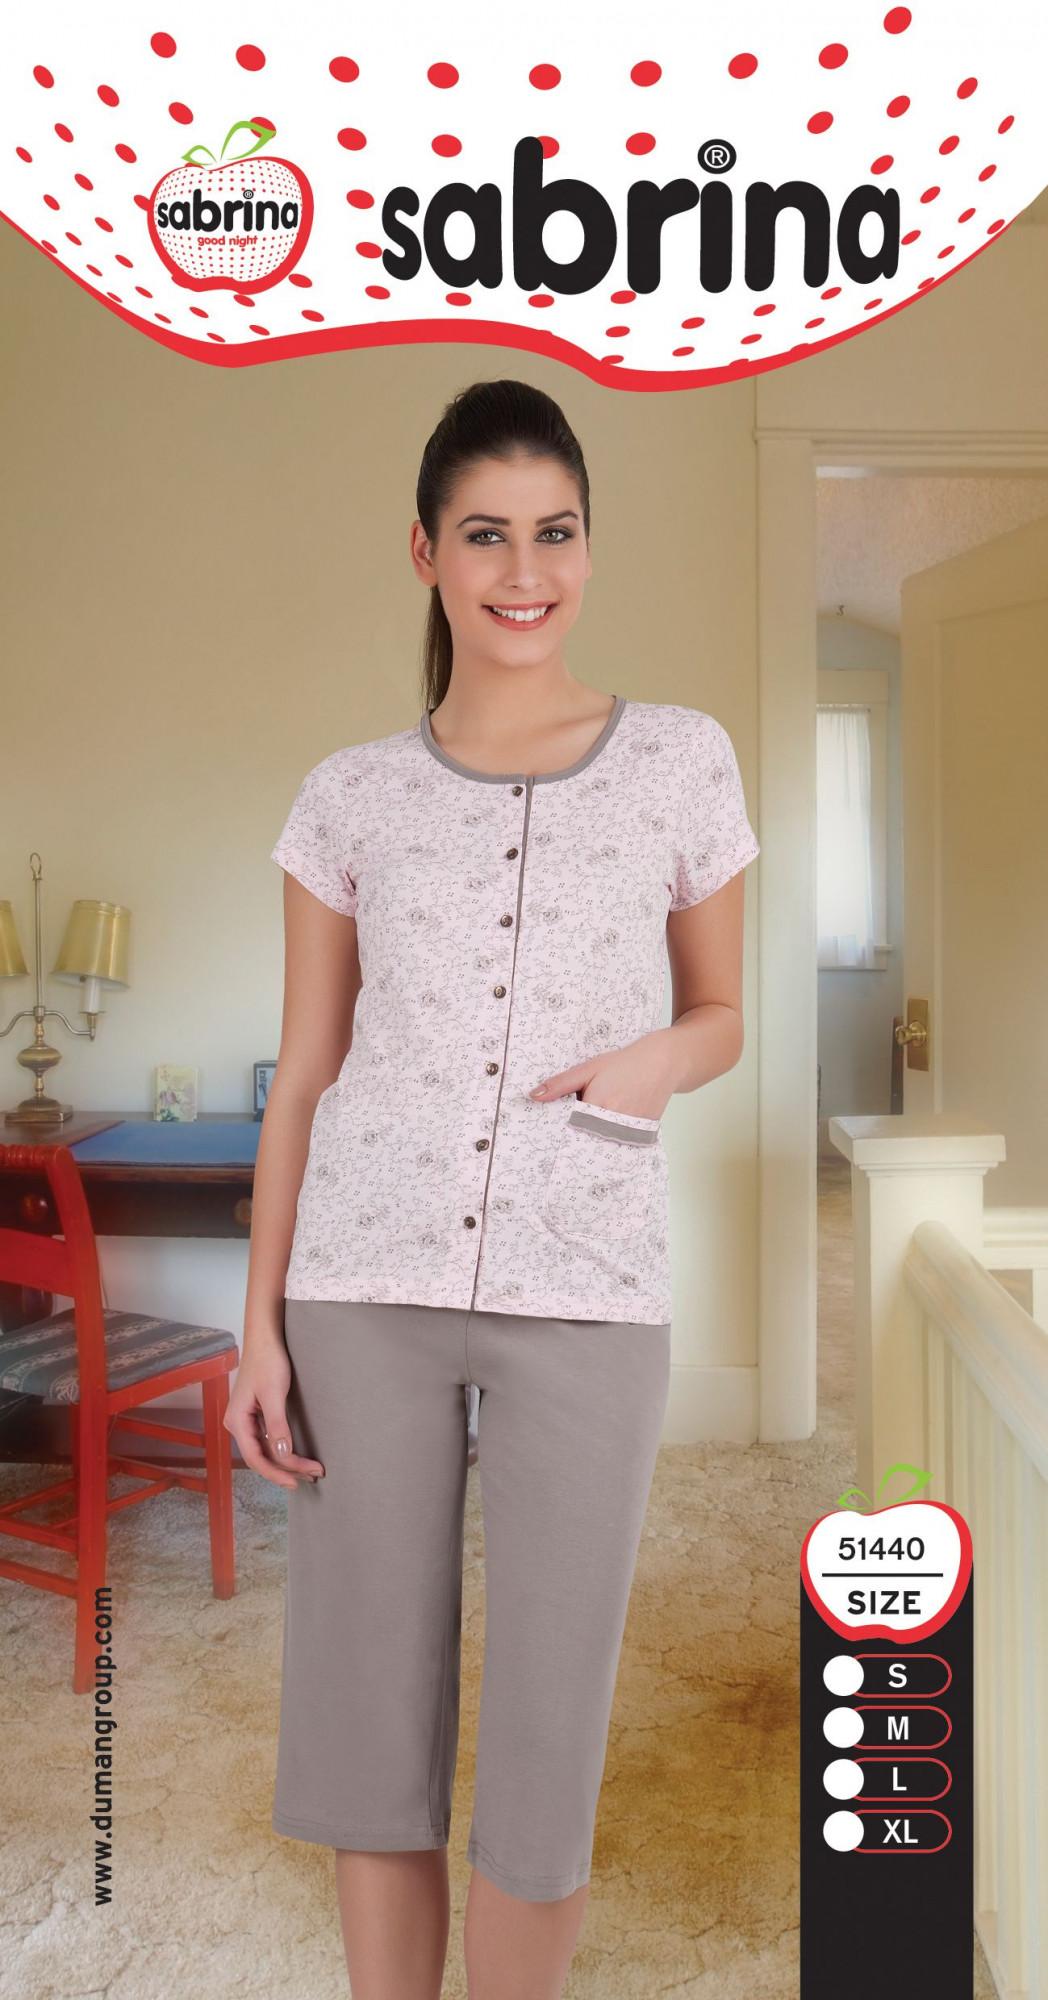 Dámské pyžamo 51440 Sabrina Barva: růžová - šedá, Velikost: S